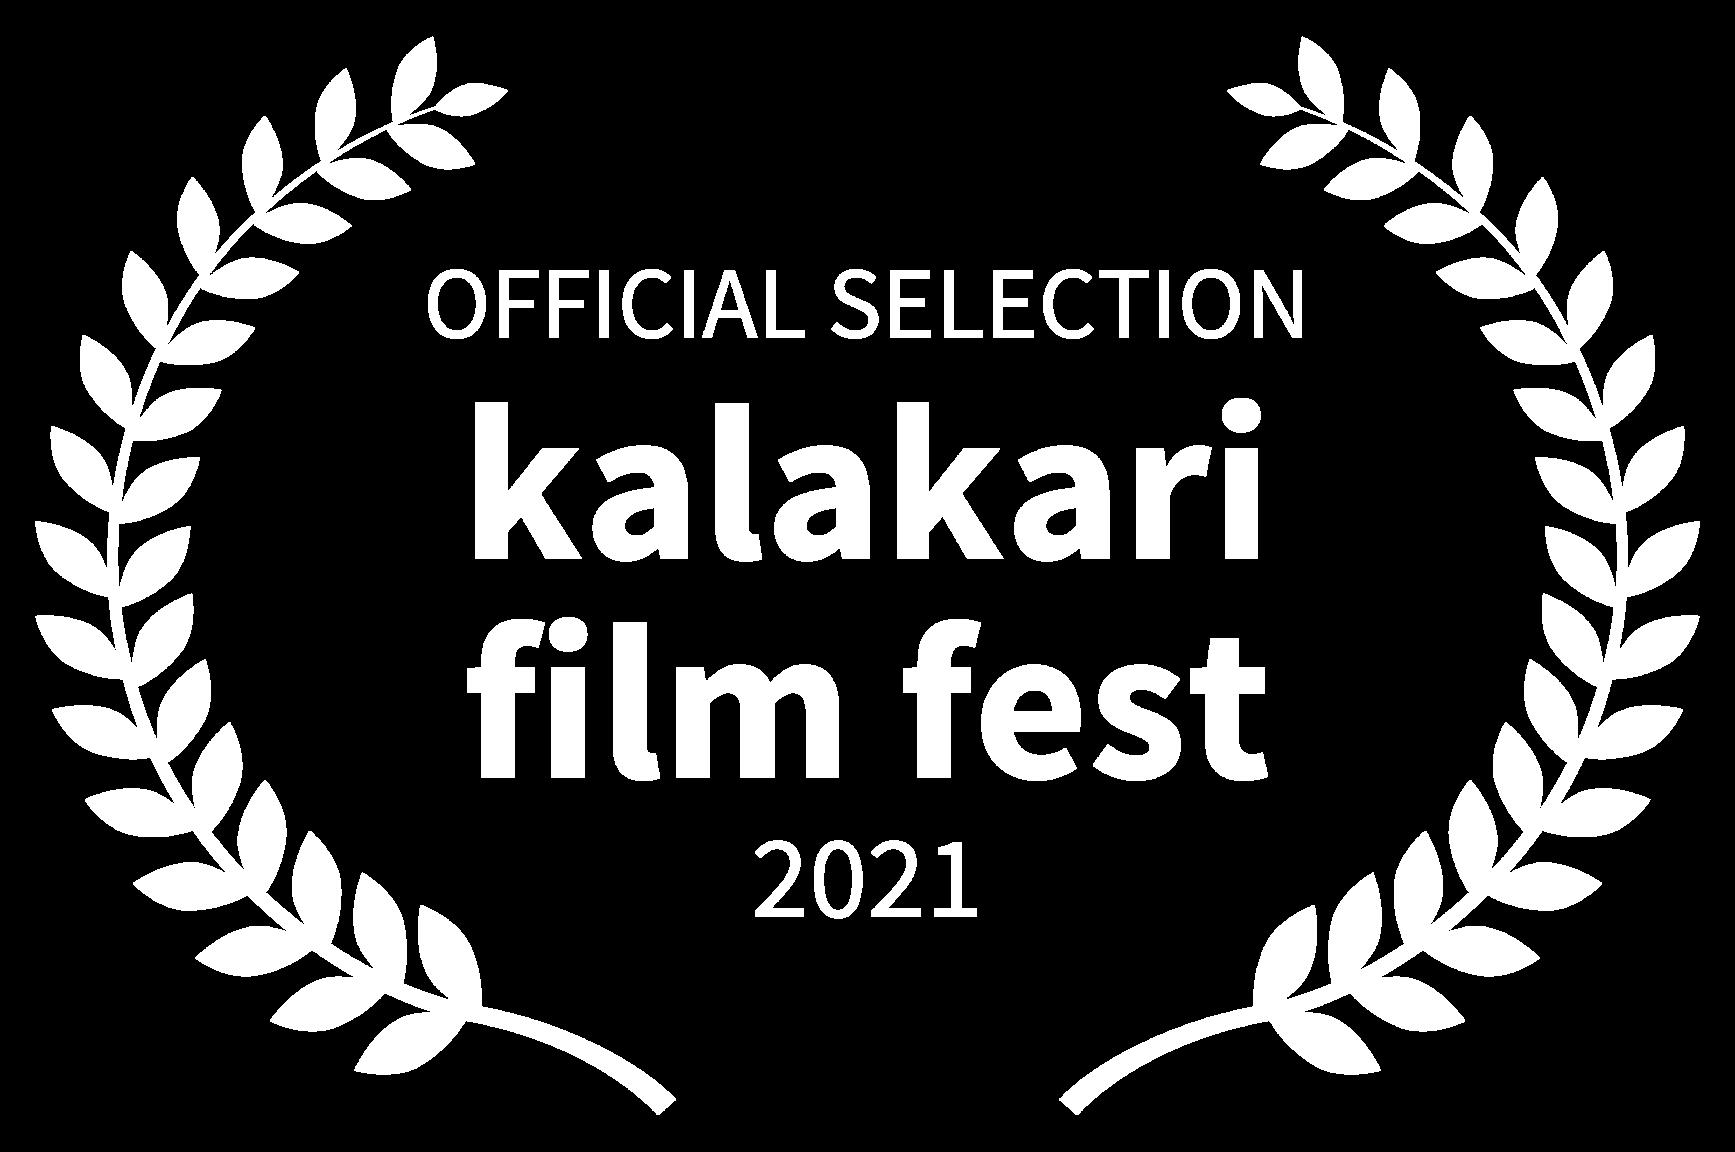 OFFICIAL SELECTION - kalakari film fest - 2021 (1)-1